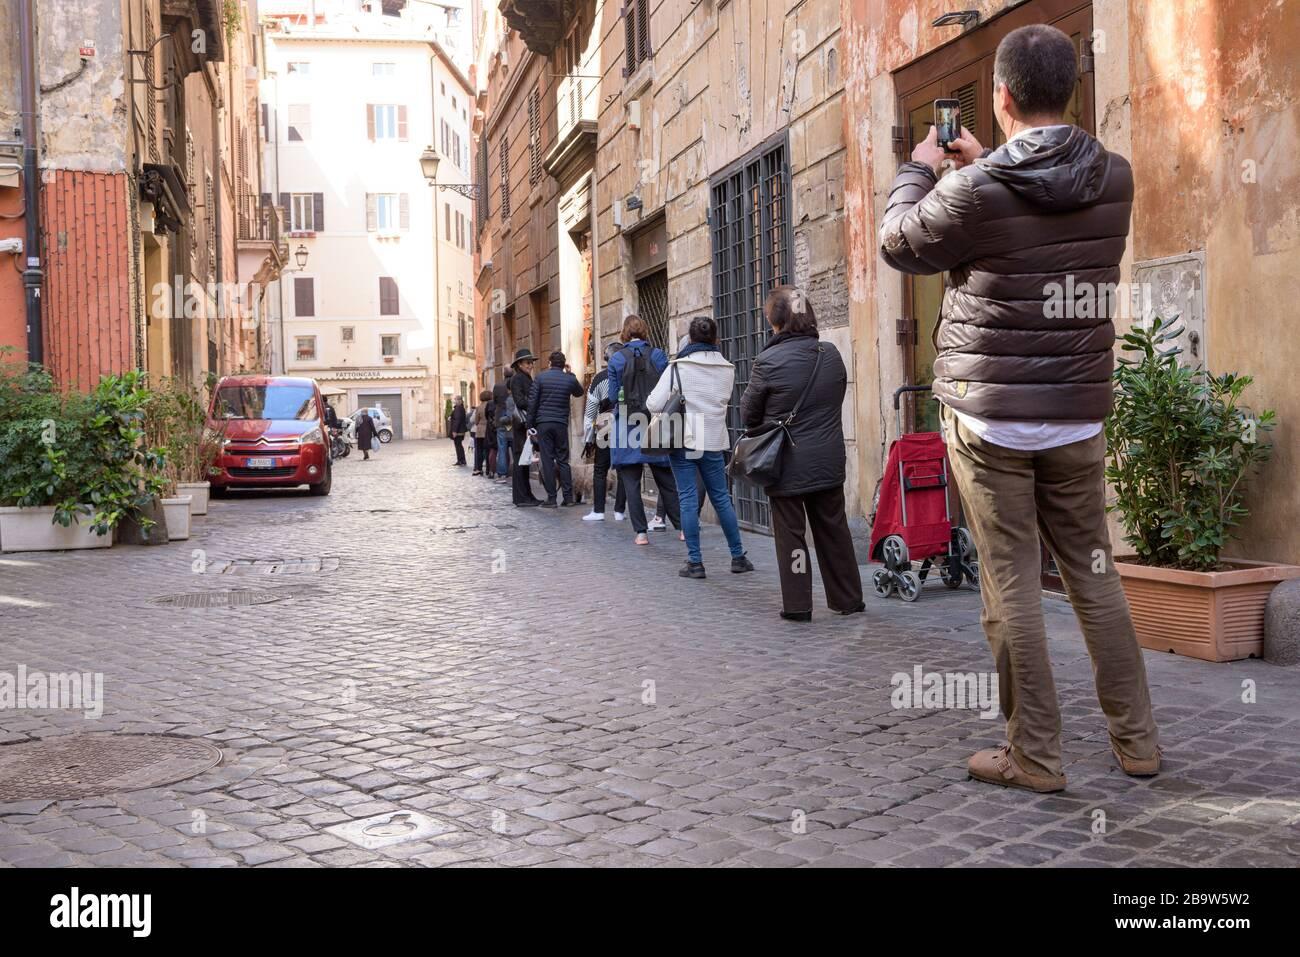 ROMA, ITALIA - 12 de marzo de 2020: Los clientes se alinean fuera de un supermercado local en el centro de Roma, Italia. Sólo unas pocas personas pueden entrar a la vez, y shal Foto de stock